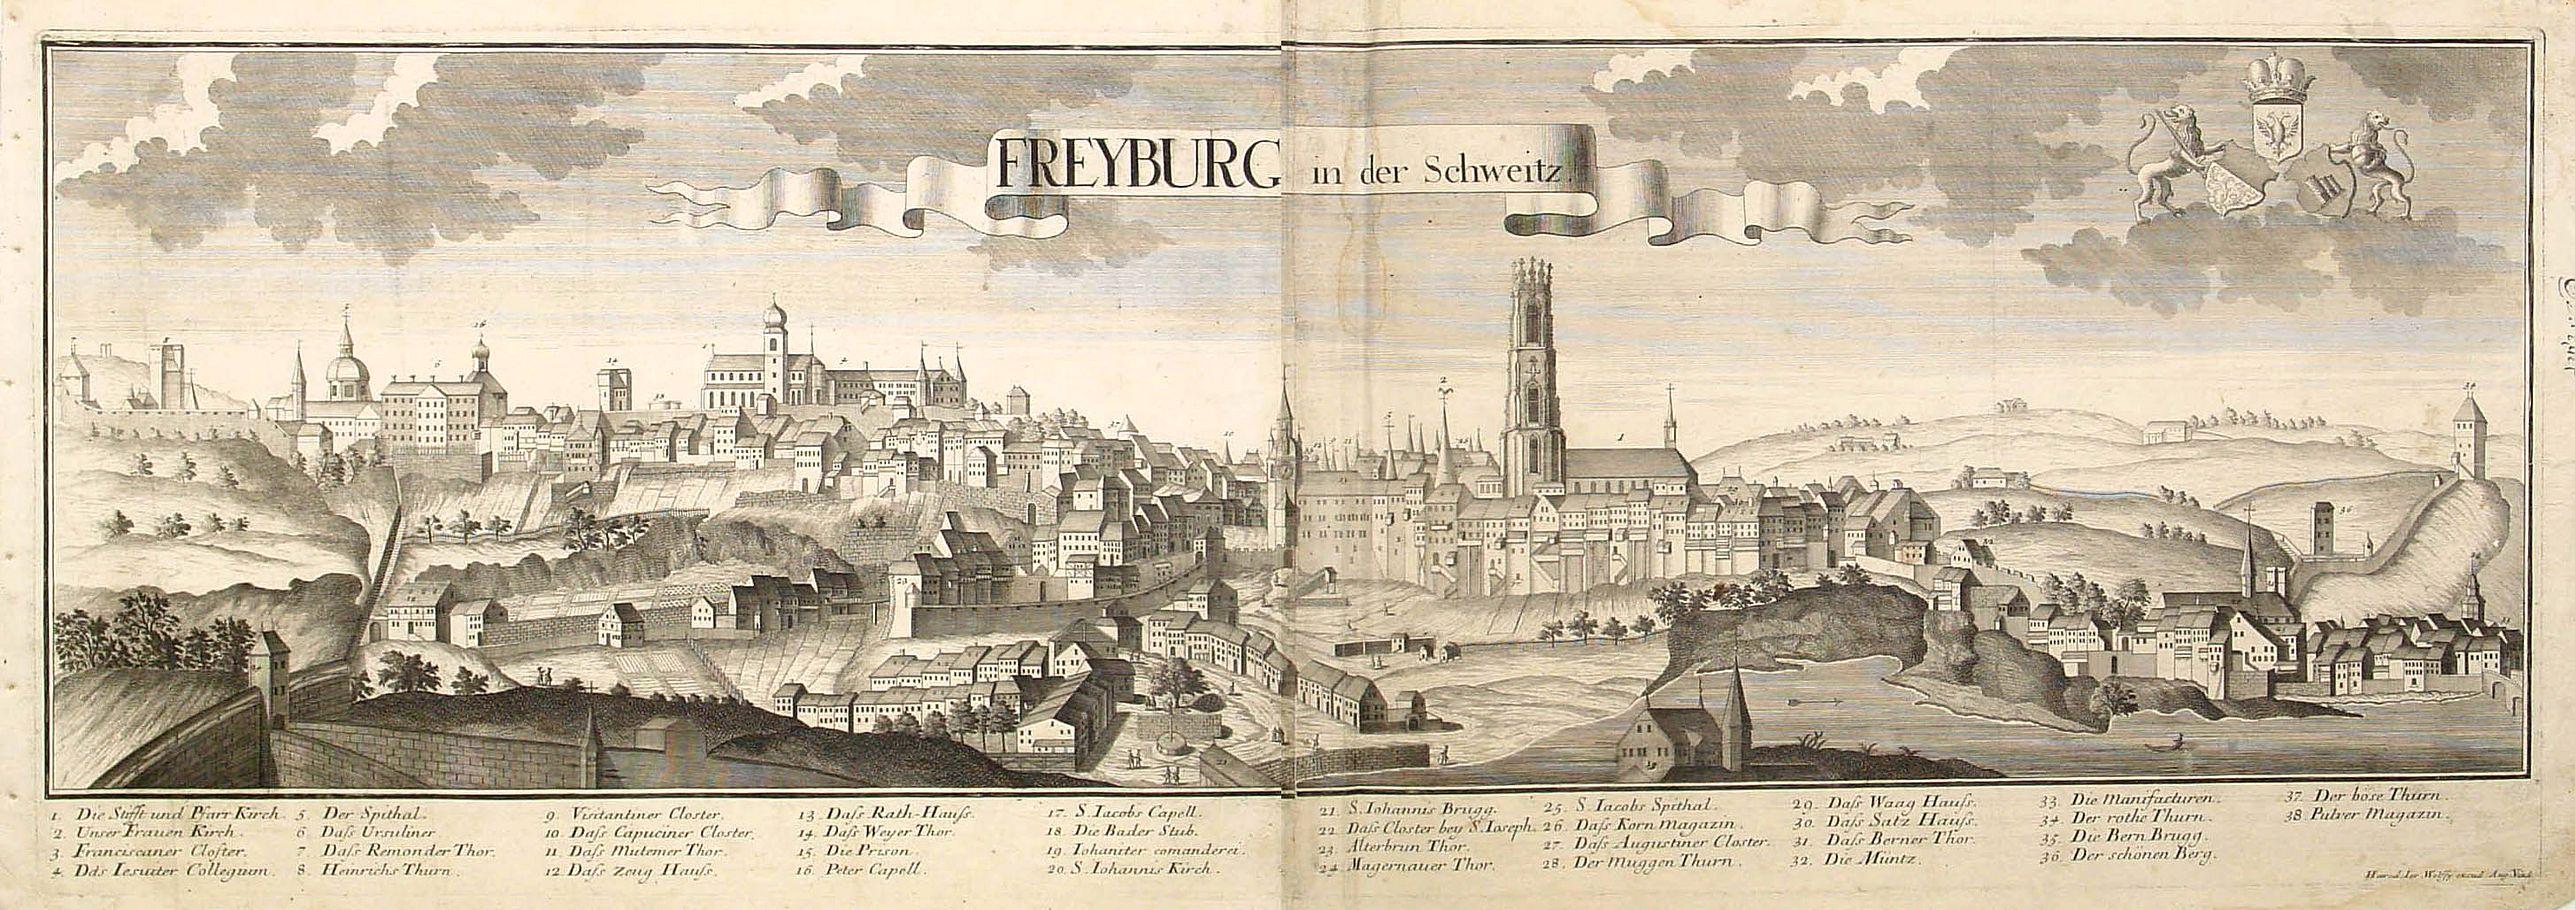 WOLFF HEIRS, J. -  Freyburg in der Schweitz.